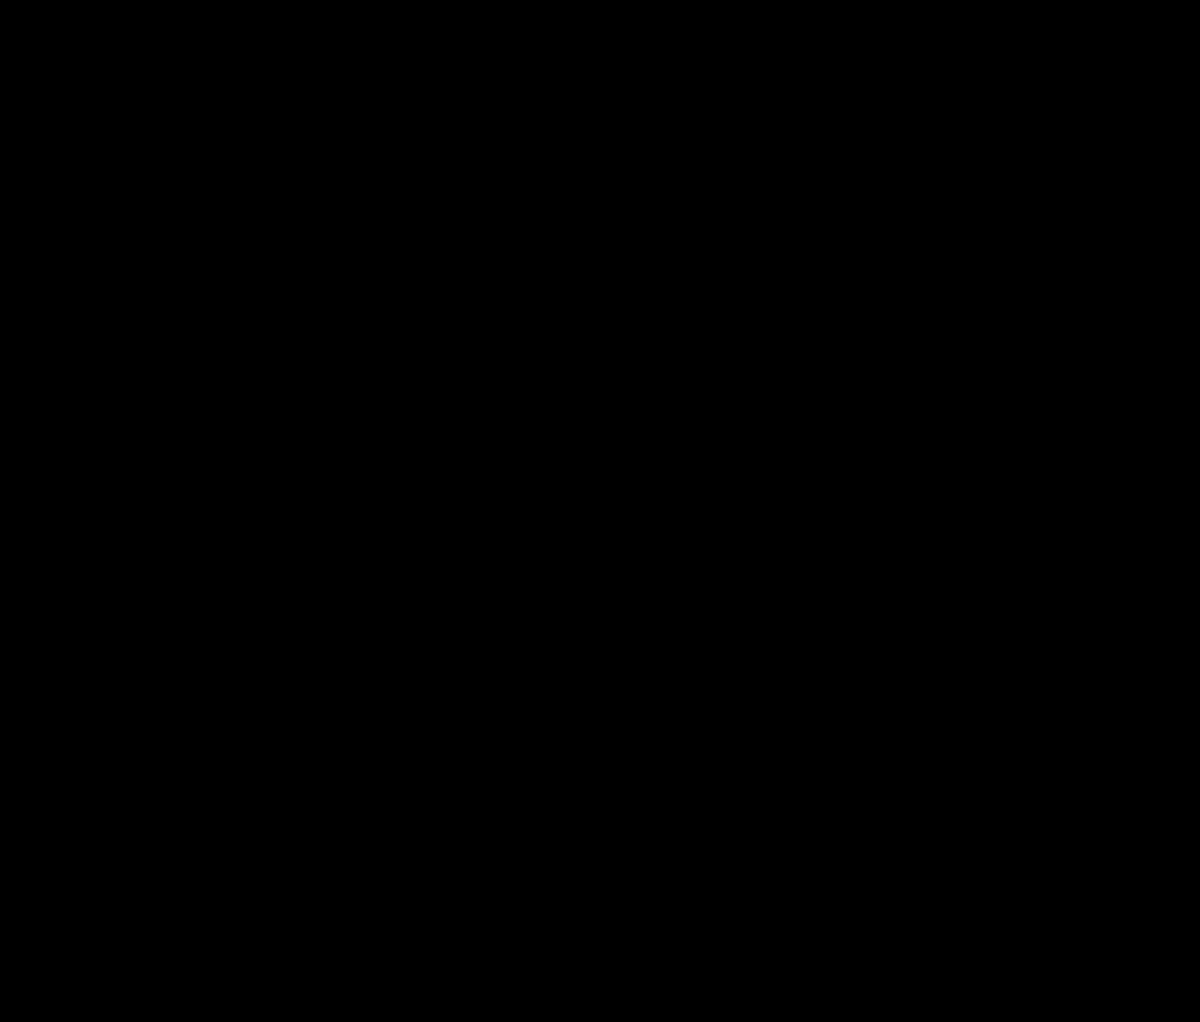 f:id:dai88:20190822063828p:plain